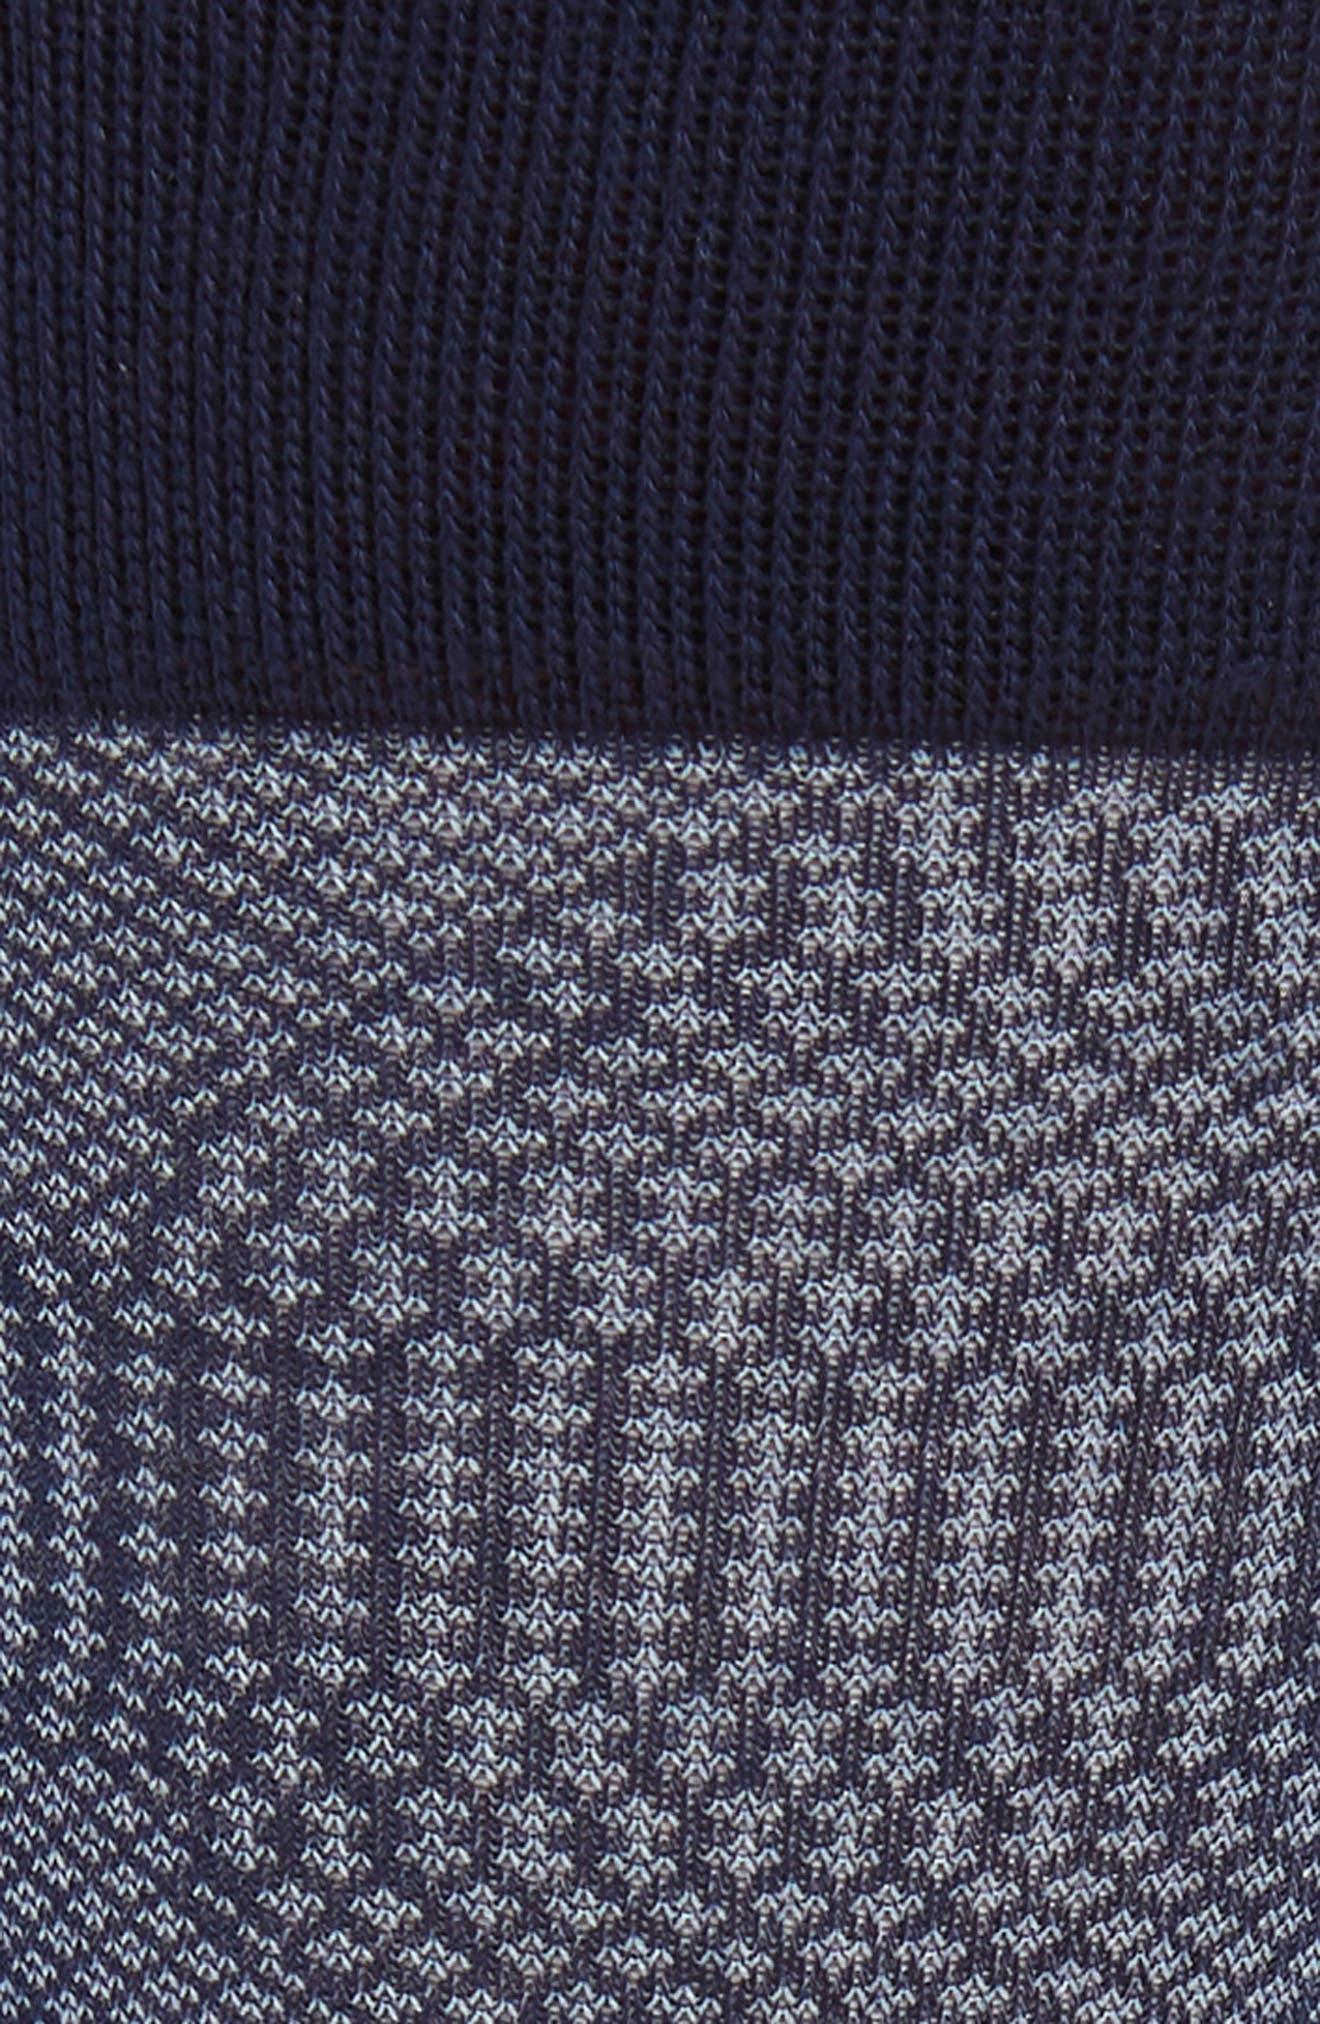 Quatrefoil Solid Socks,                             Alternate thumbnail 2, color,                             Navy/ White